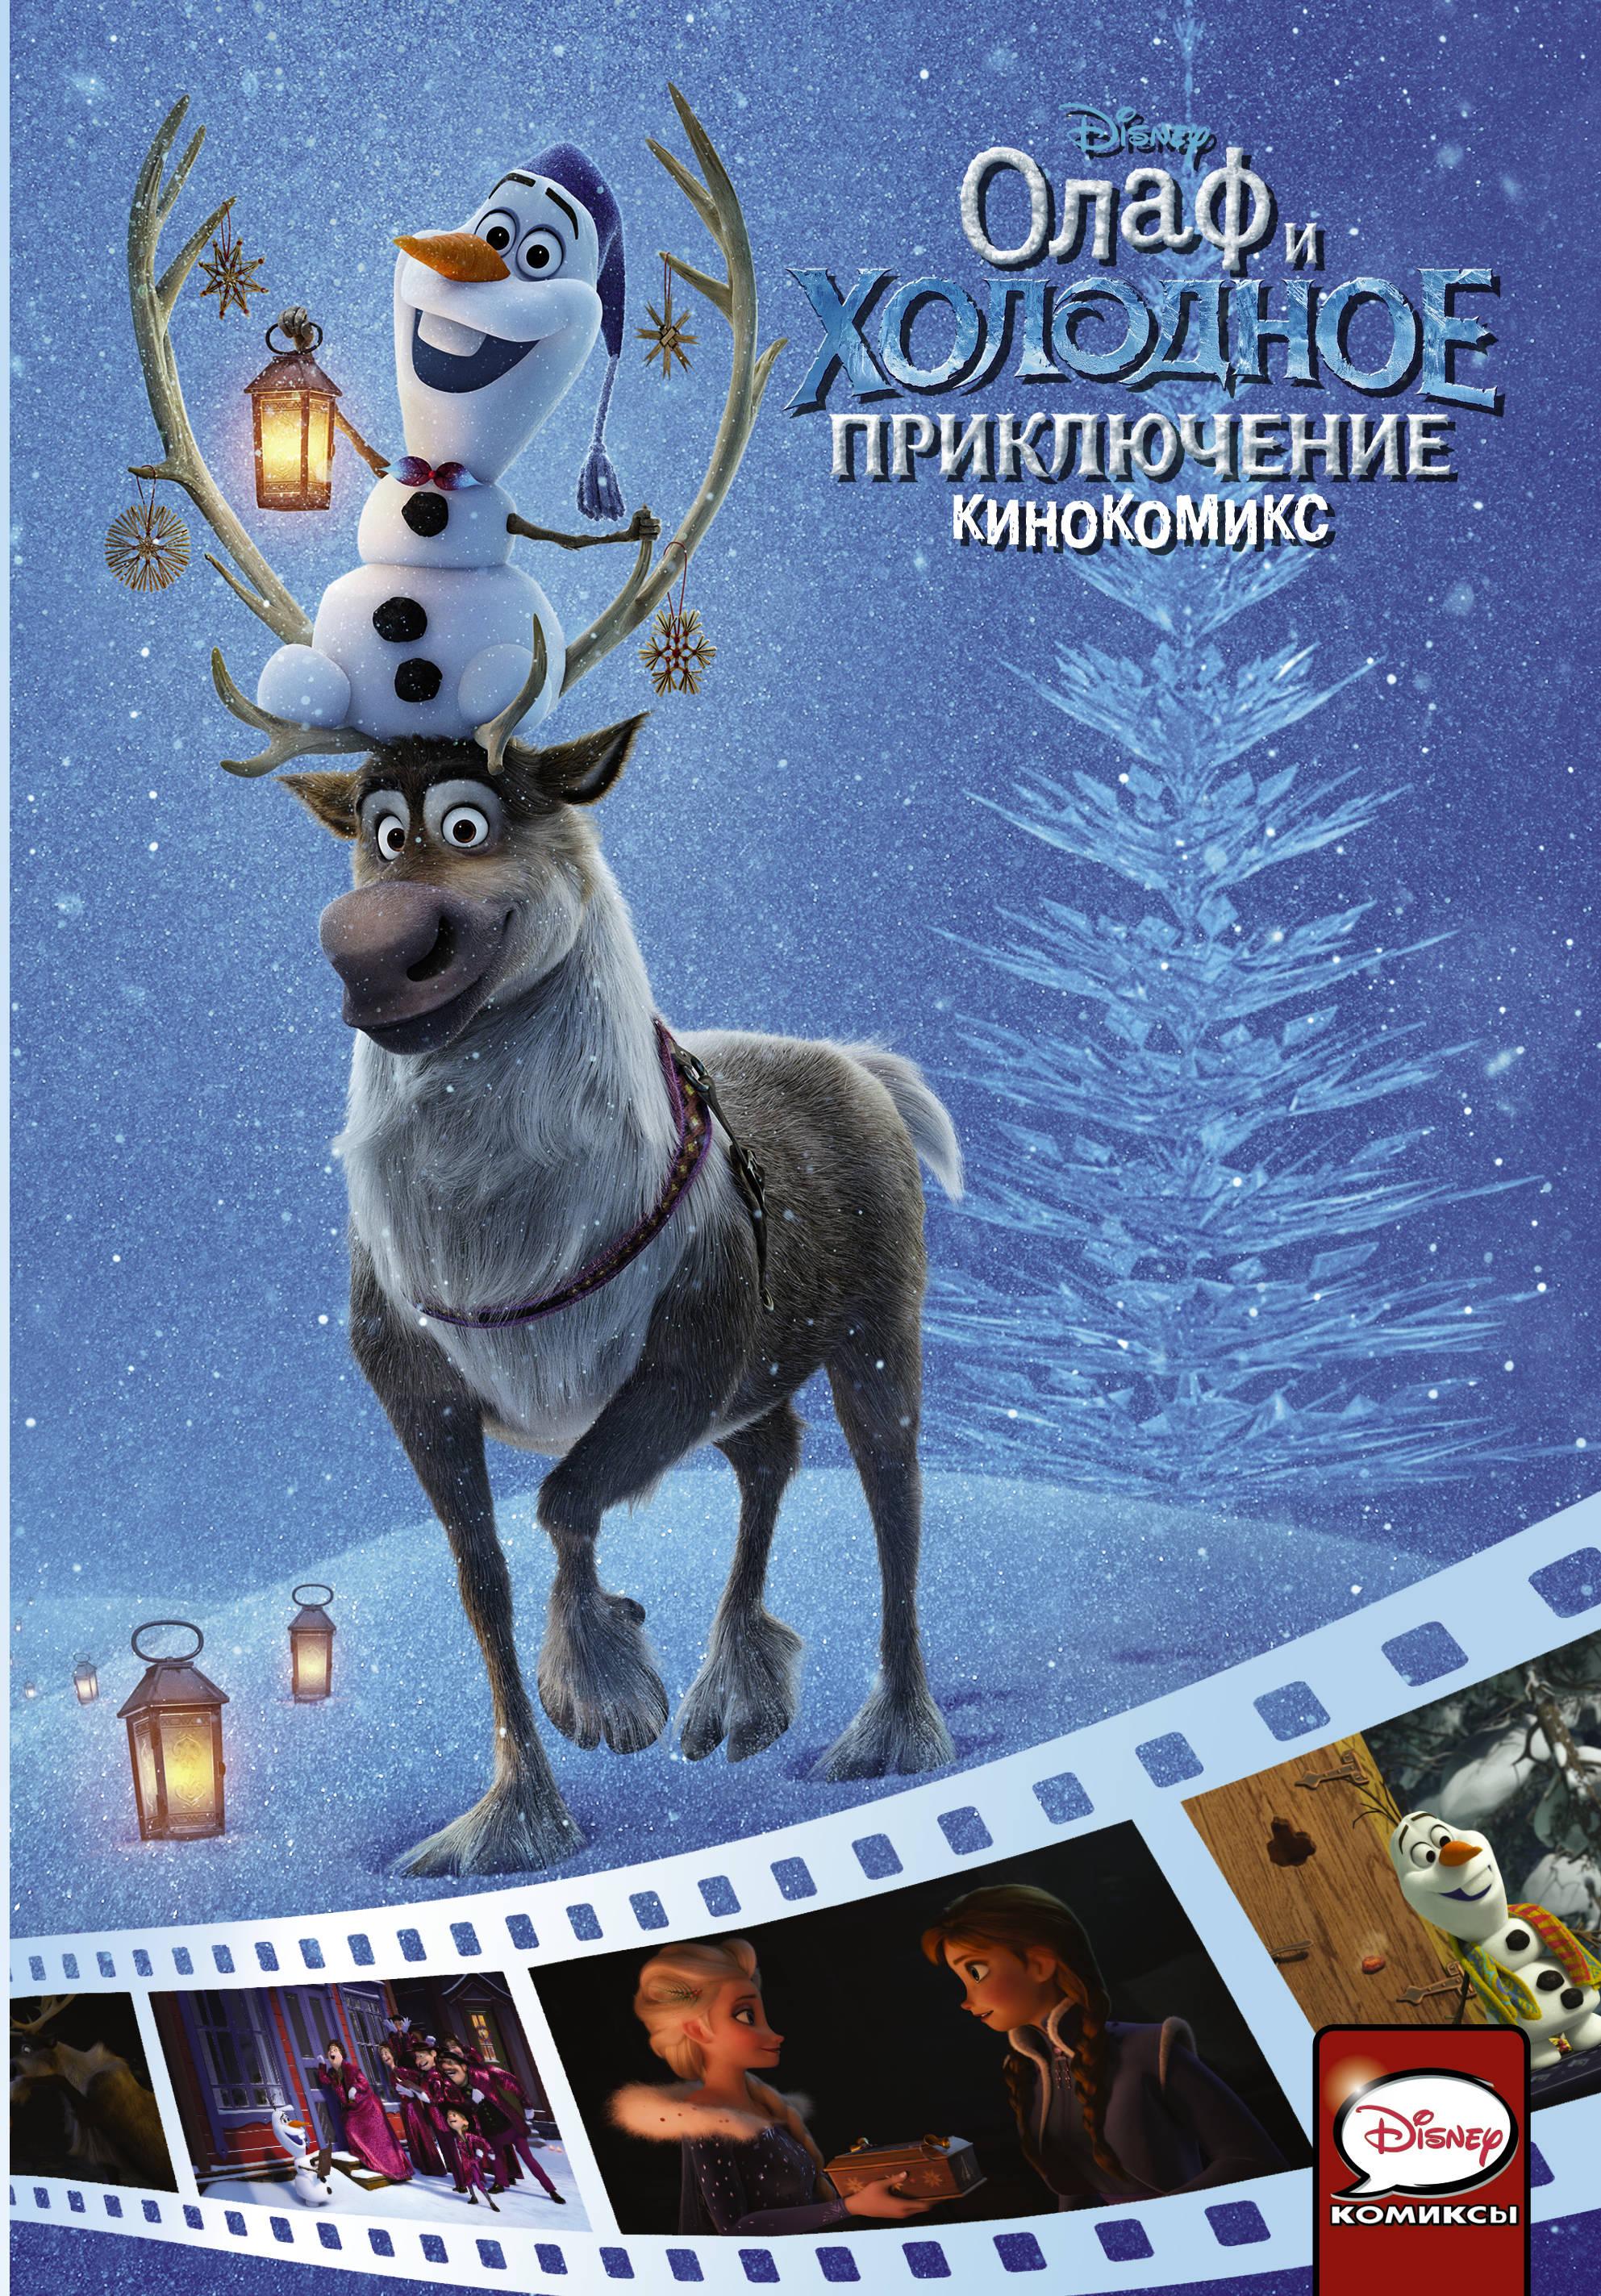 Олаф и холодное приключение. Кинокомикс